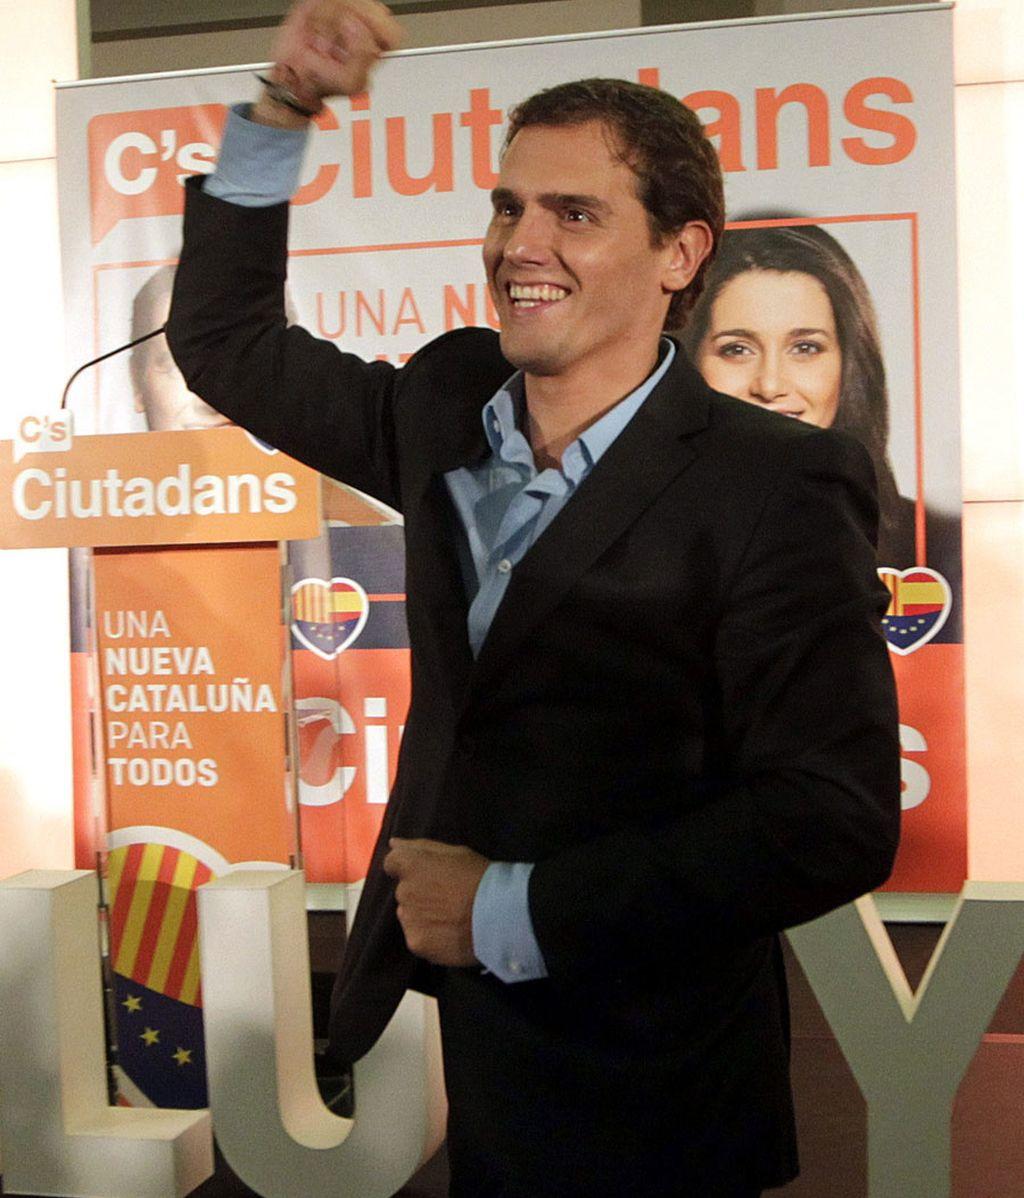 Ciudadanos se consolida como tercera fuerza y tendrá la llave del próximo gobierno